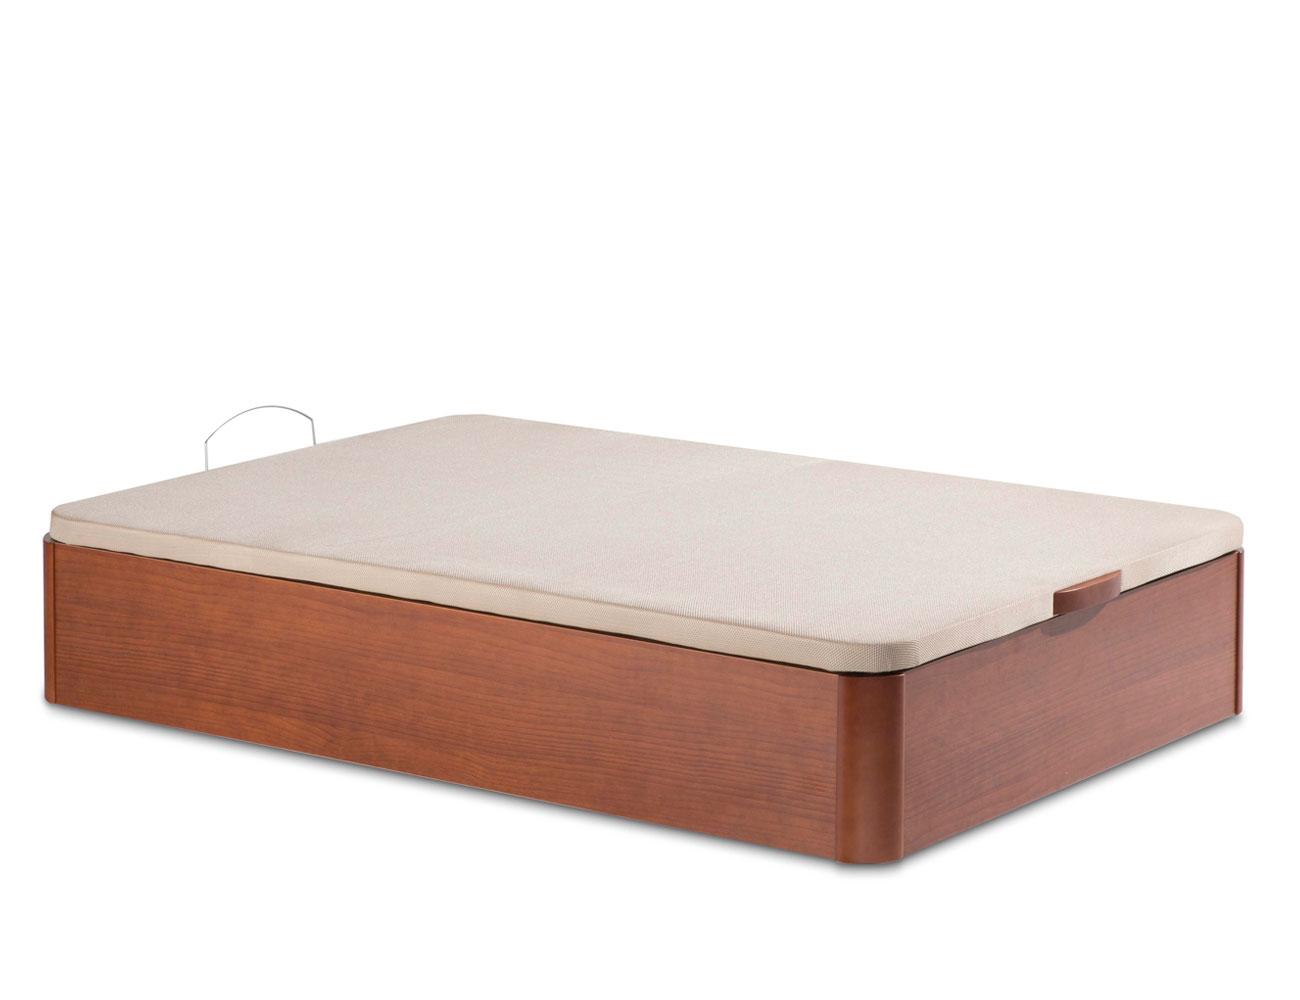 Canape madera base 3d 739